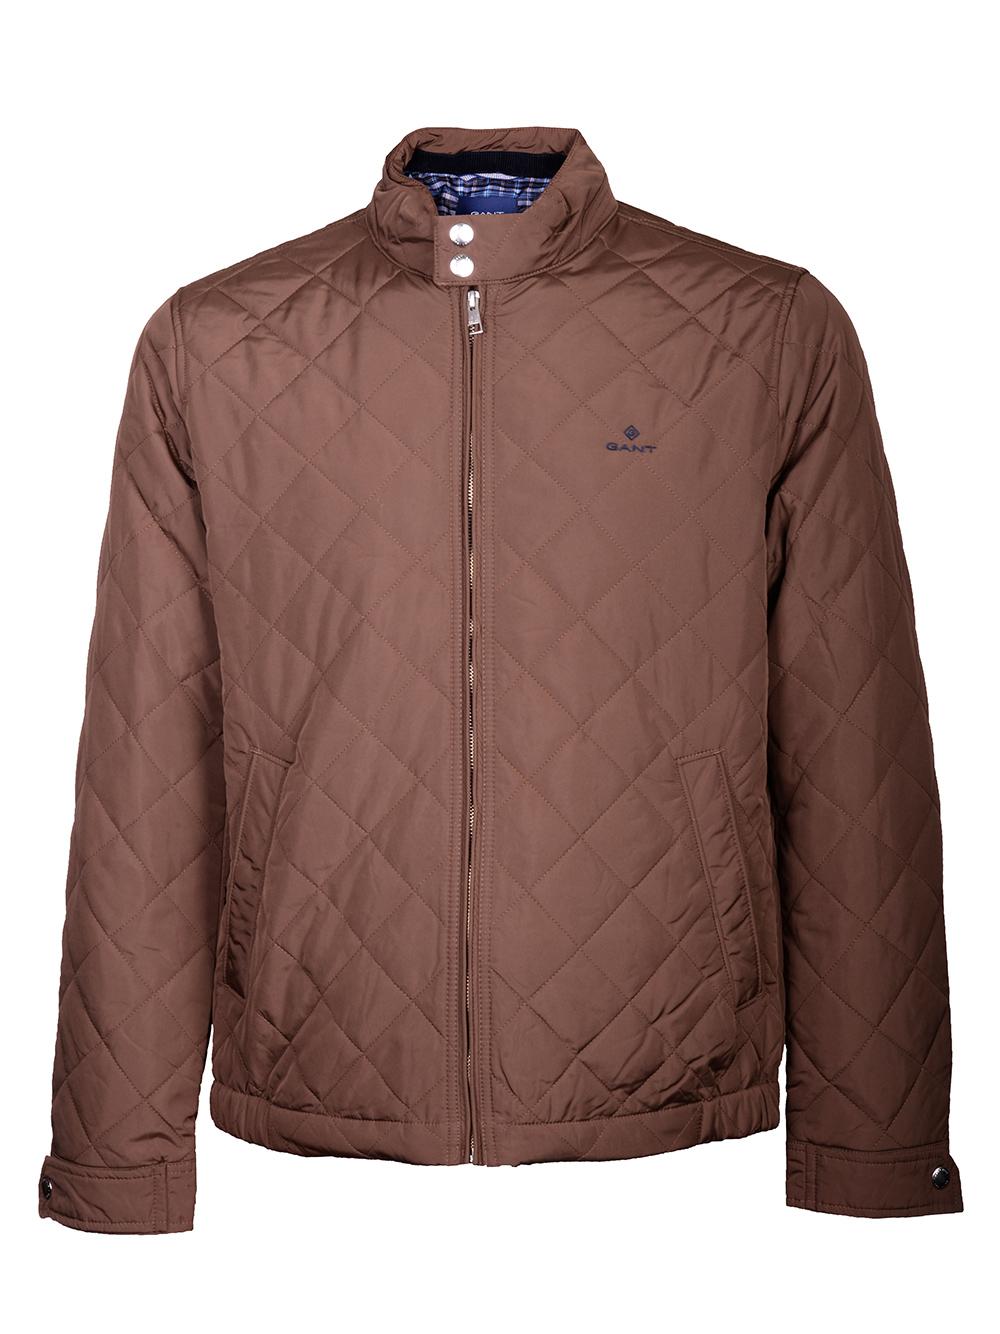 Ανδρικά Μπουφάν & Παλτό | Gant (Ταξινόμηση: Δημοφιλέστερα